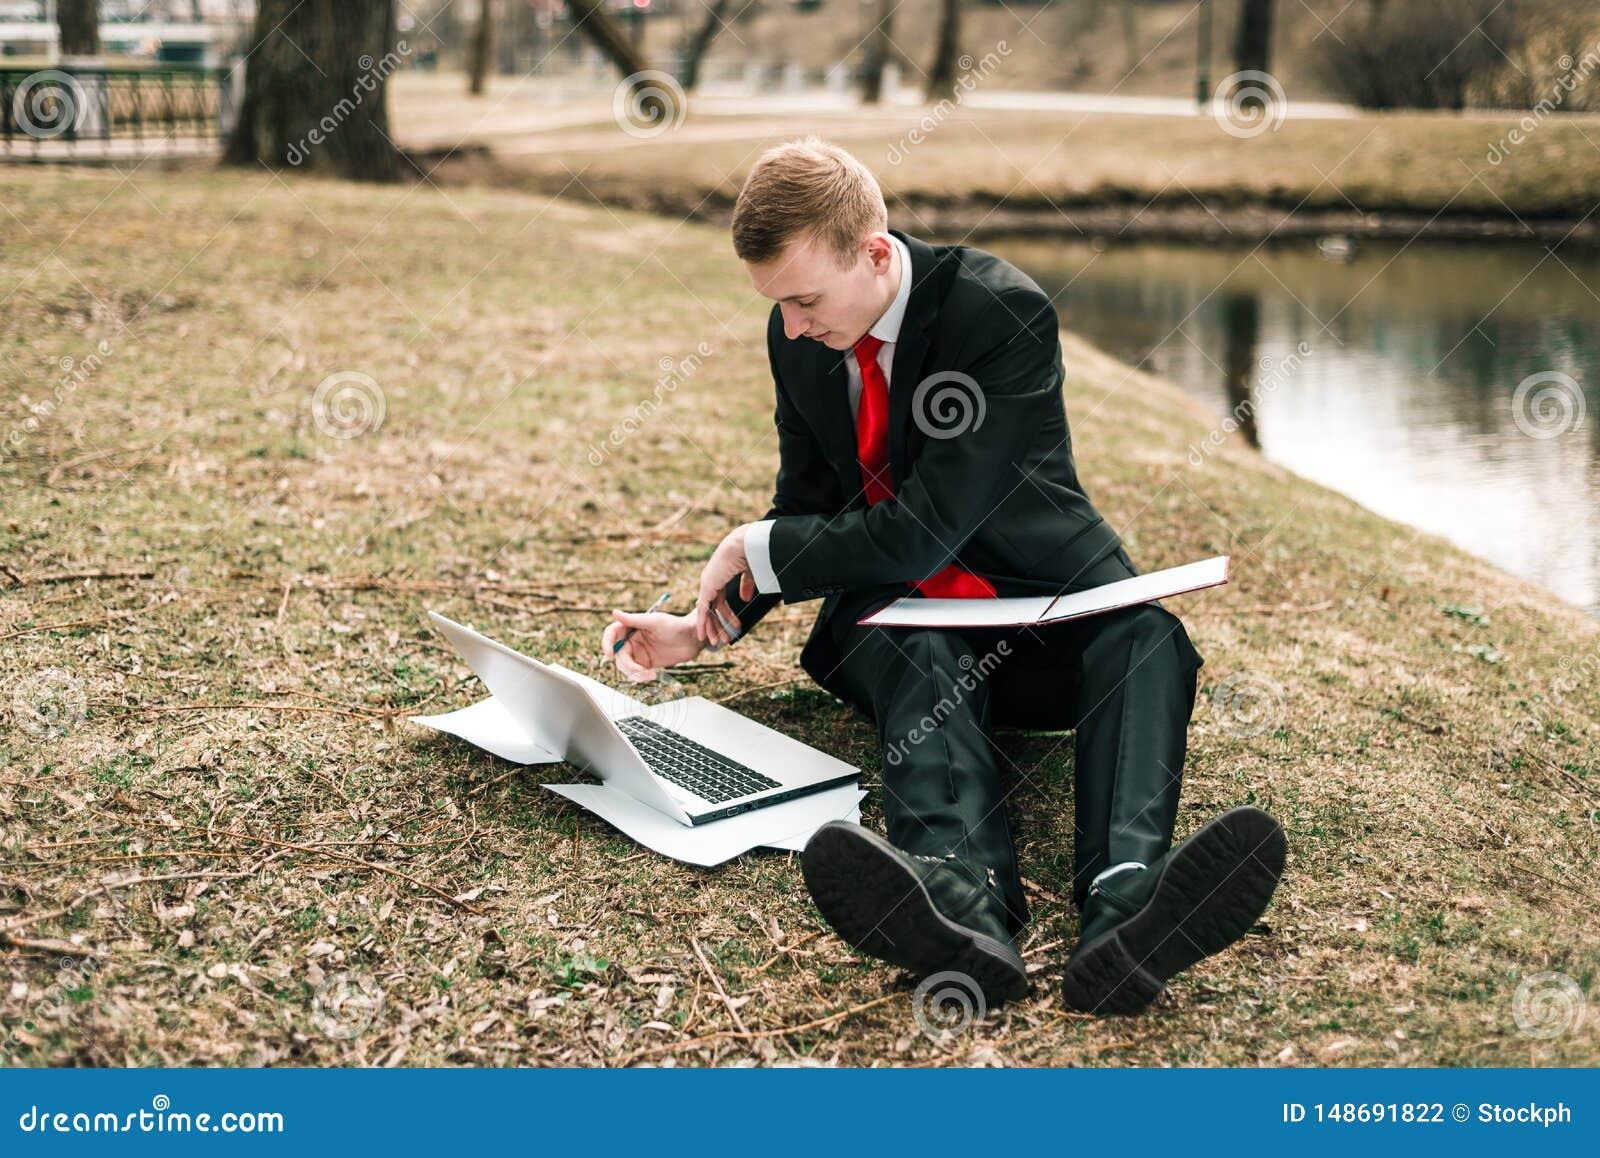 M?ody facet w czarnym kostiumu czerwonym krawacie i pisze w notatniku m??czyzna pracuje daleko w naturze w parku blisko rzeki na